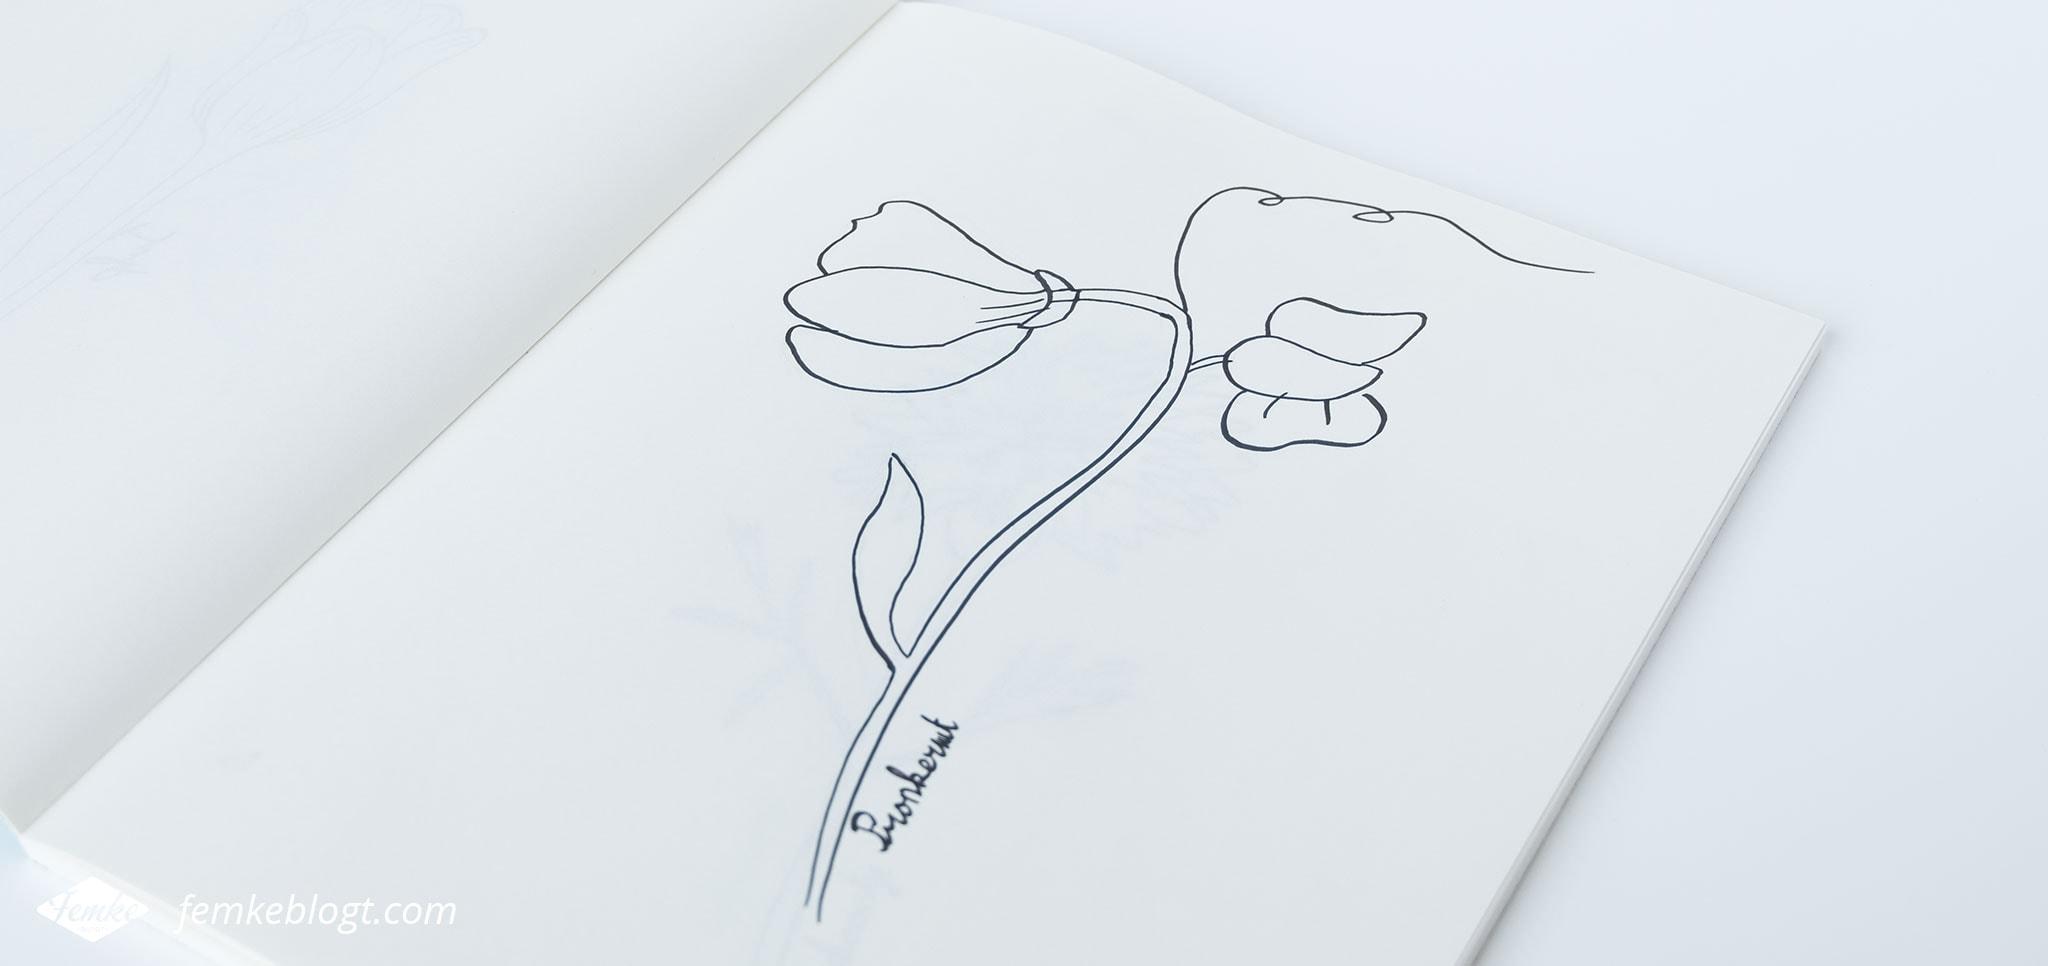 31 Dagen bloemen #6 – Pronkerwt